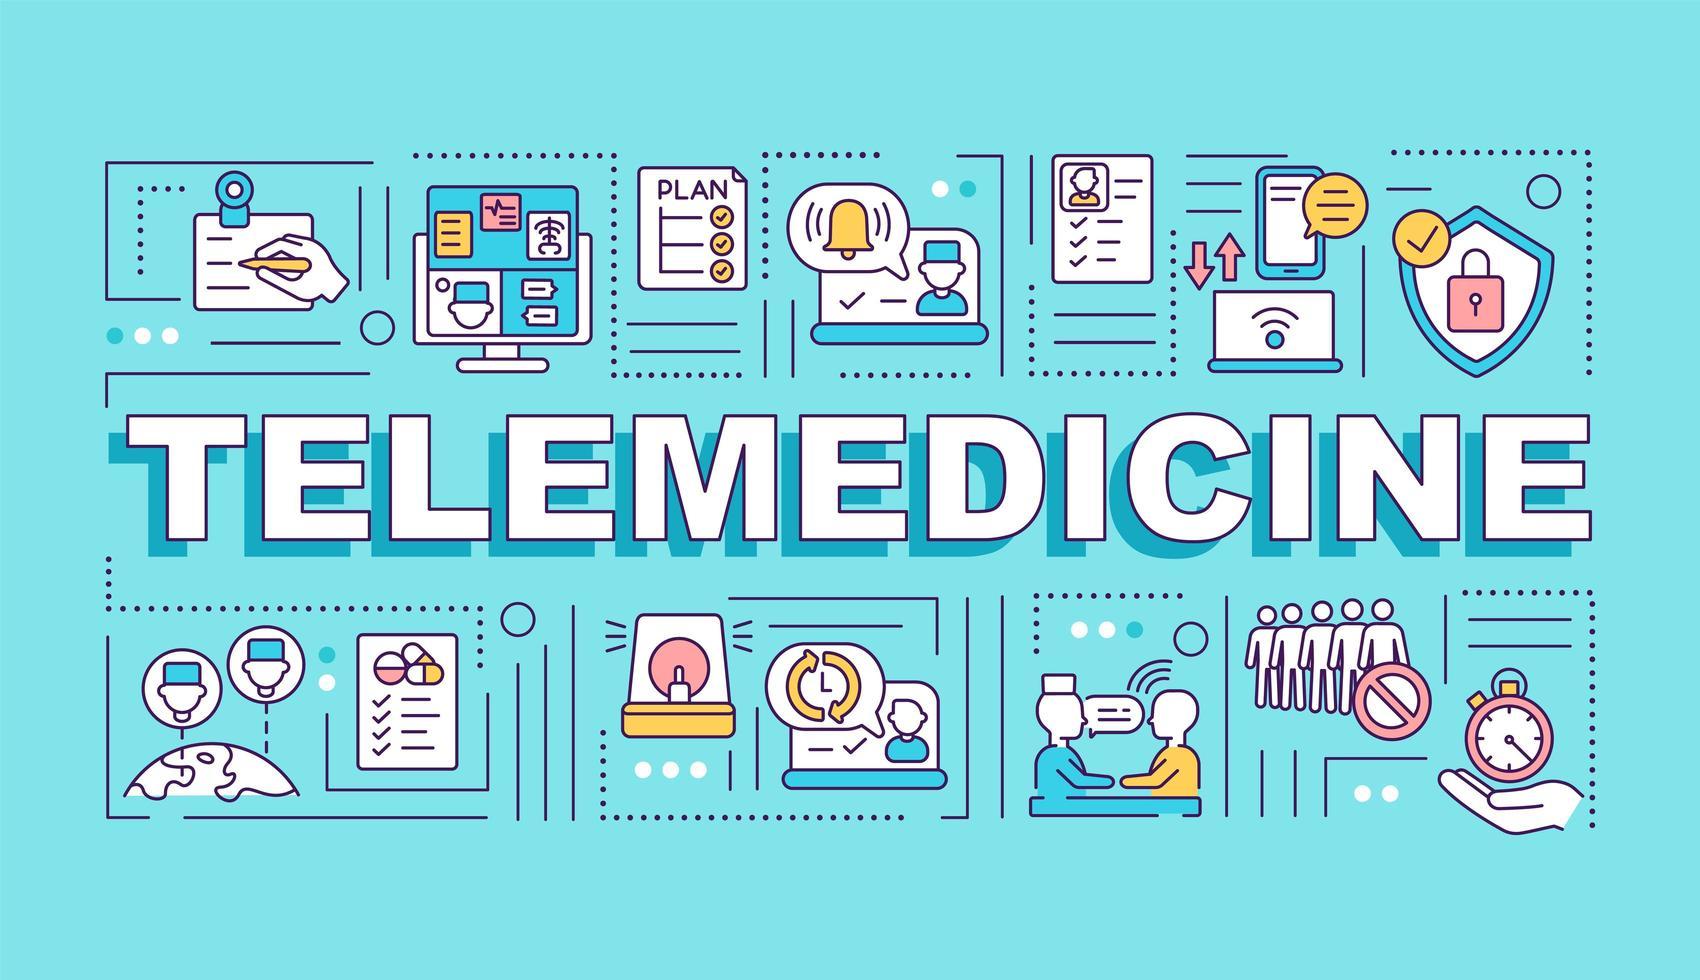 bannière de concepts de mot télémédecine vecteur